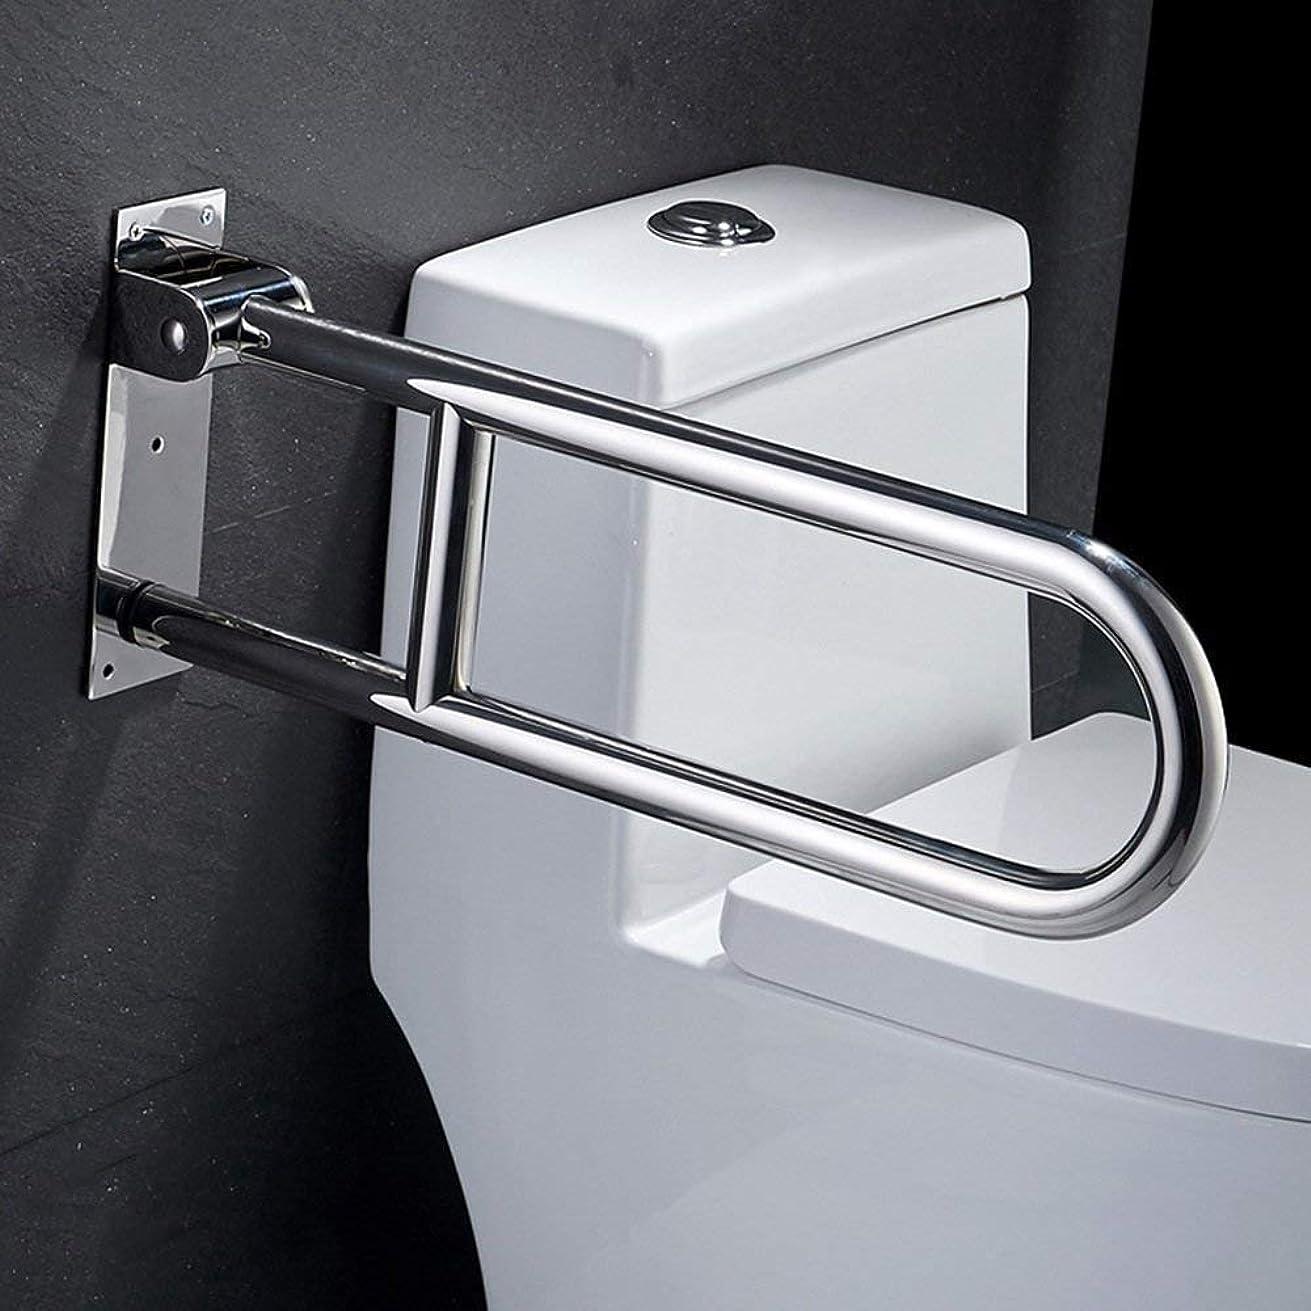 ボトルネック特異性私たちのL.TSAバスルーム手すり/折りたたみ式/ステンレス製サポートハンドル/高齢者トイレ洗面台滑り止めUタイプアームレスト/シャワーハンドグリップハンドルグラブバー